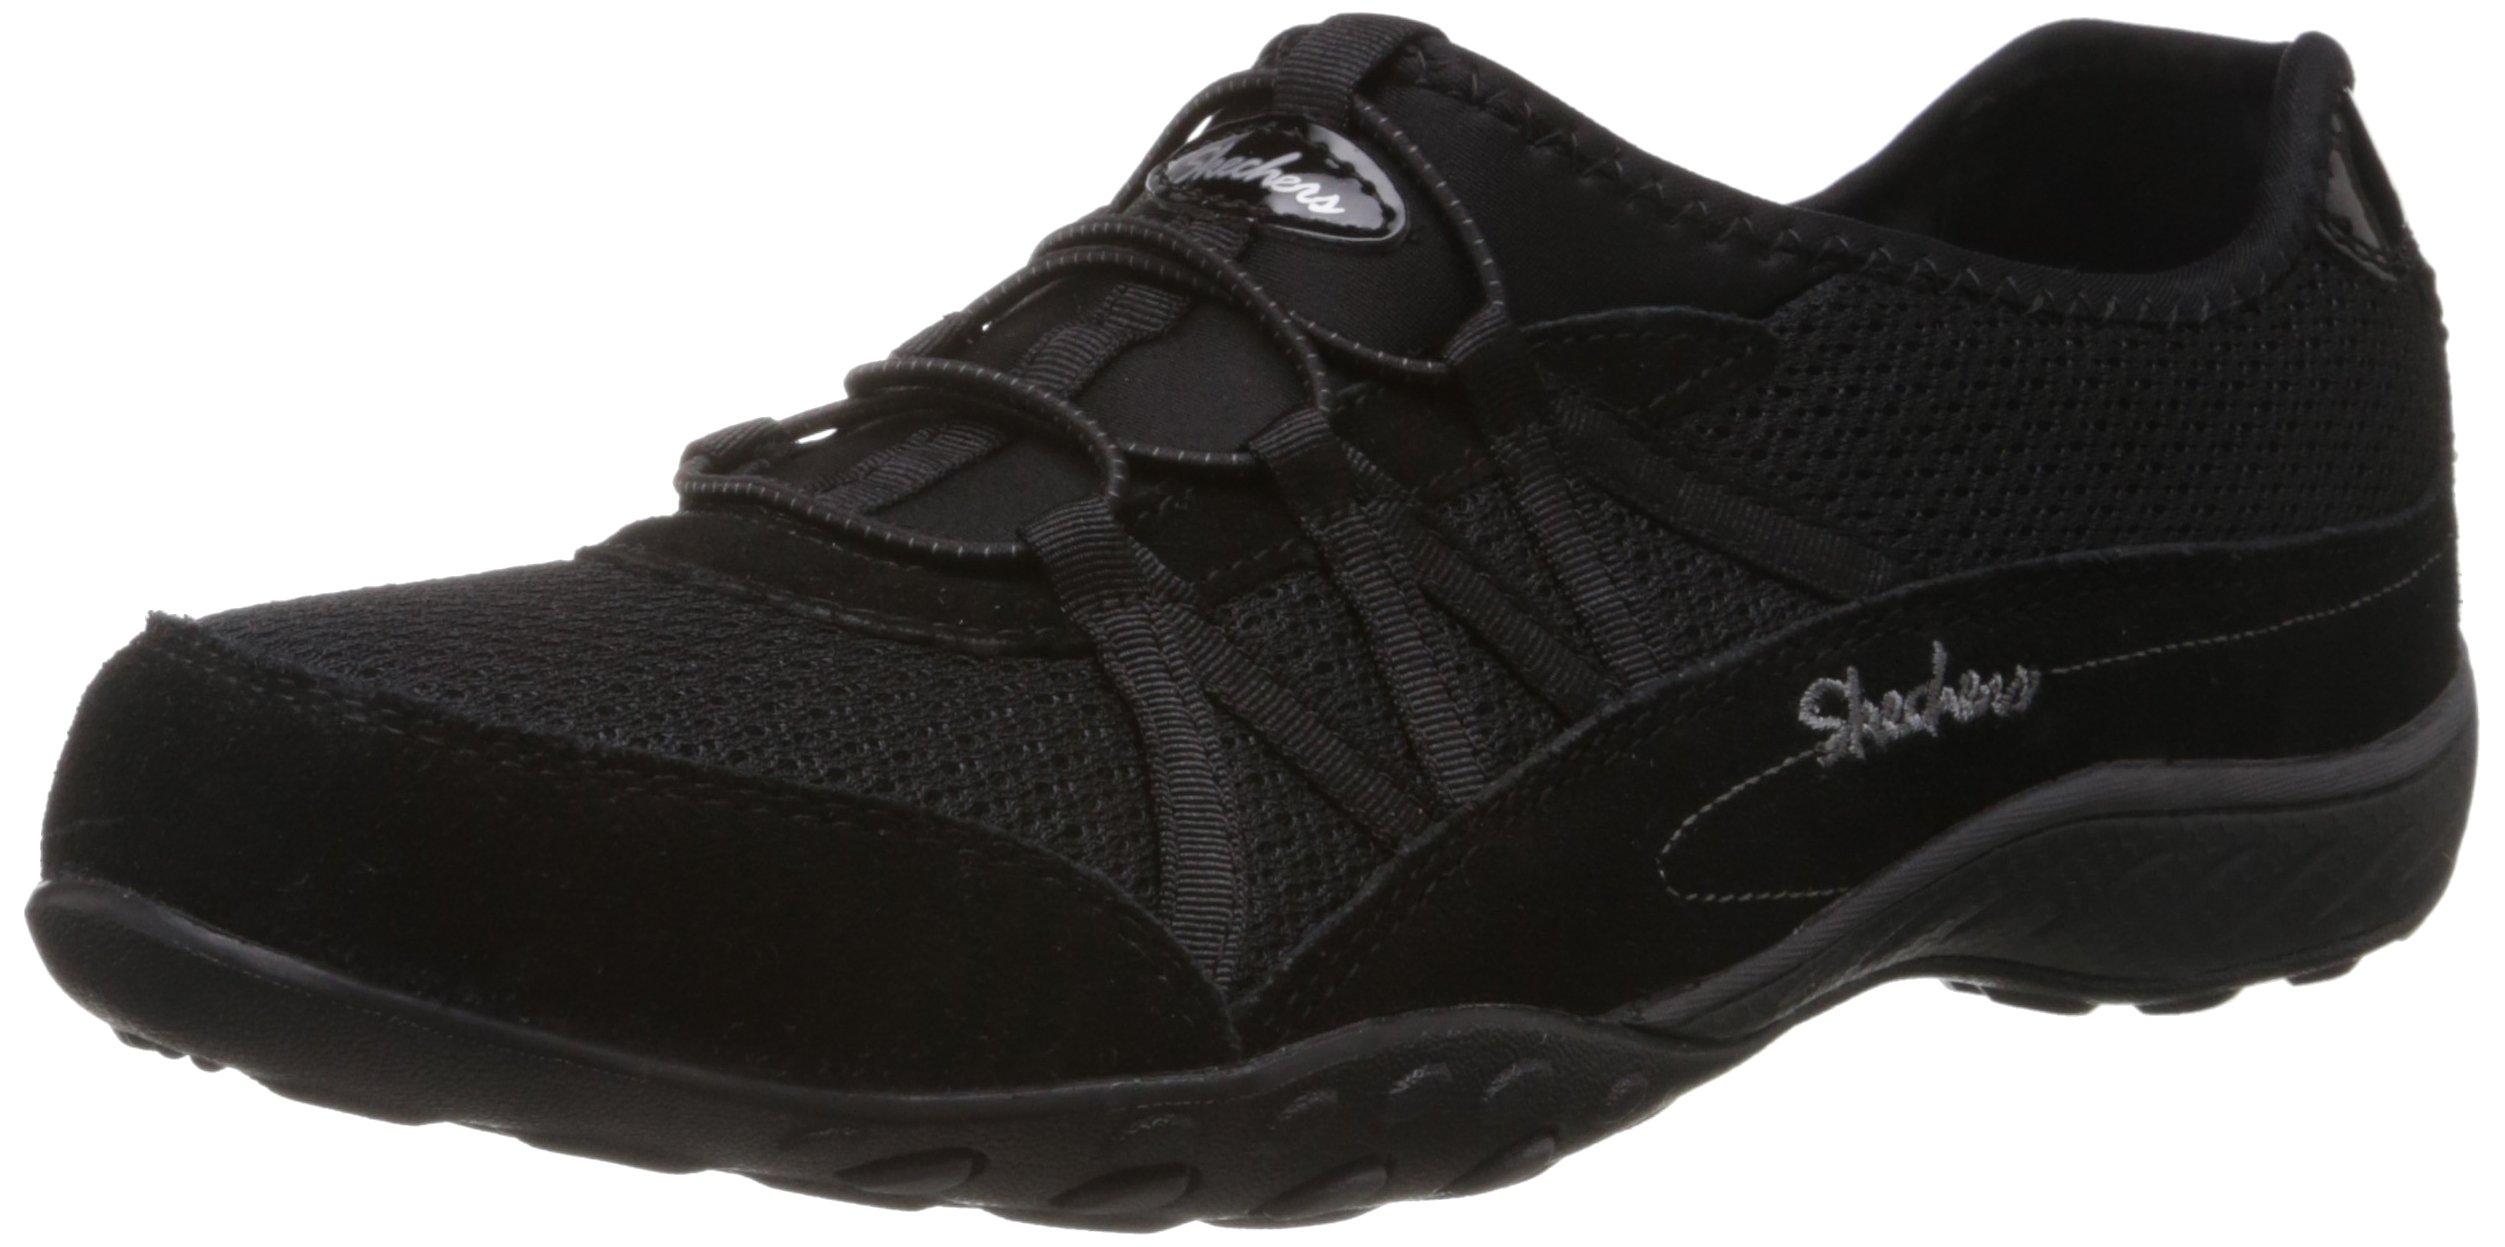 Skechers Sport Women's Relaxation Fashion Sneaker size 8, black